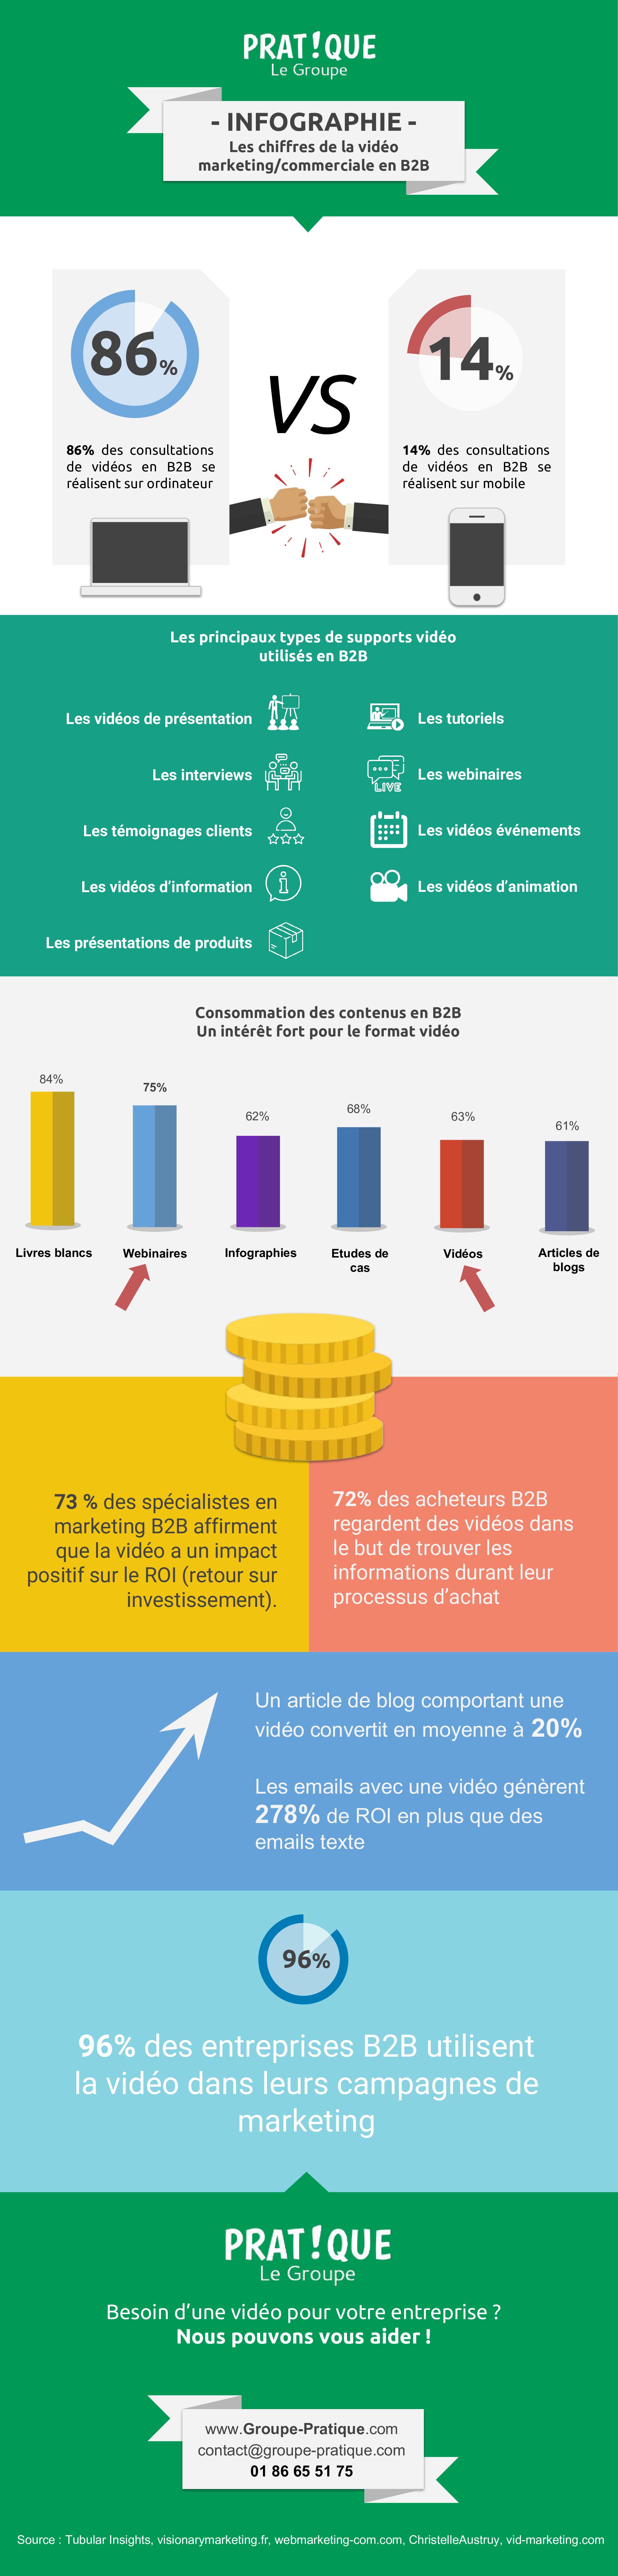 Les chiffres de la vidéo marketing et commerciale en B2B